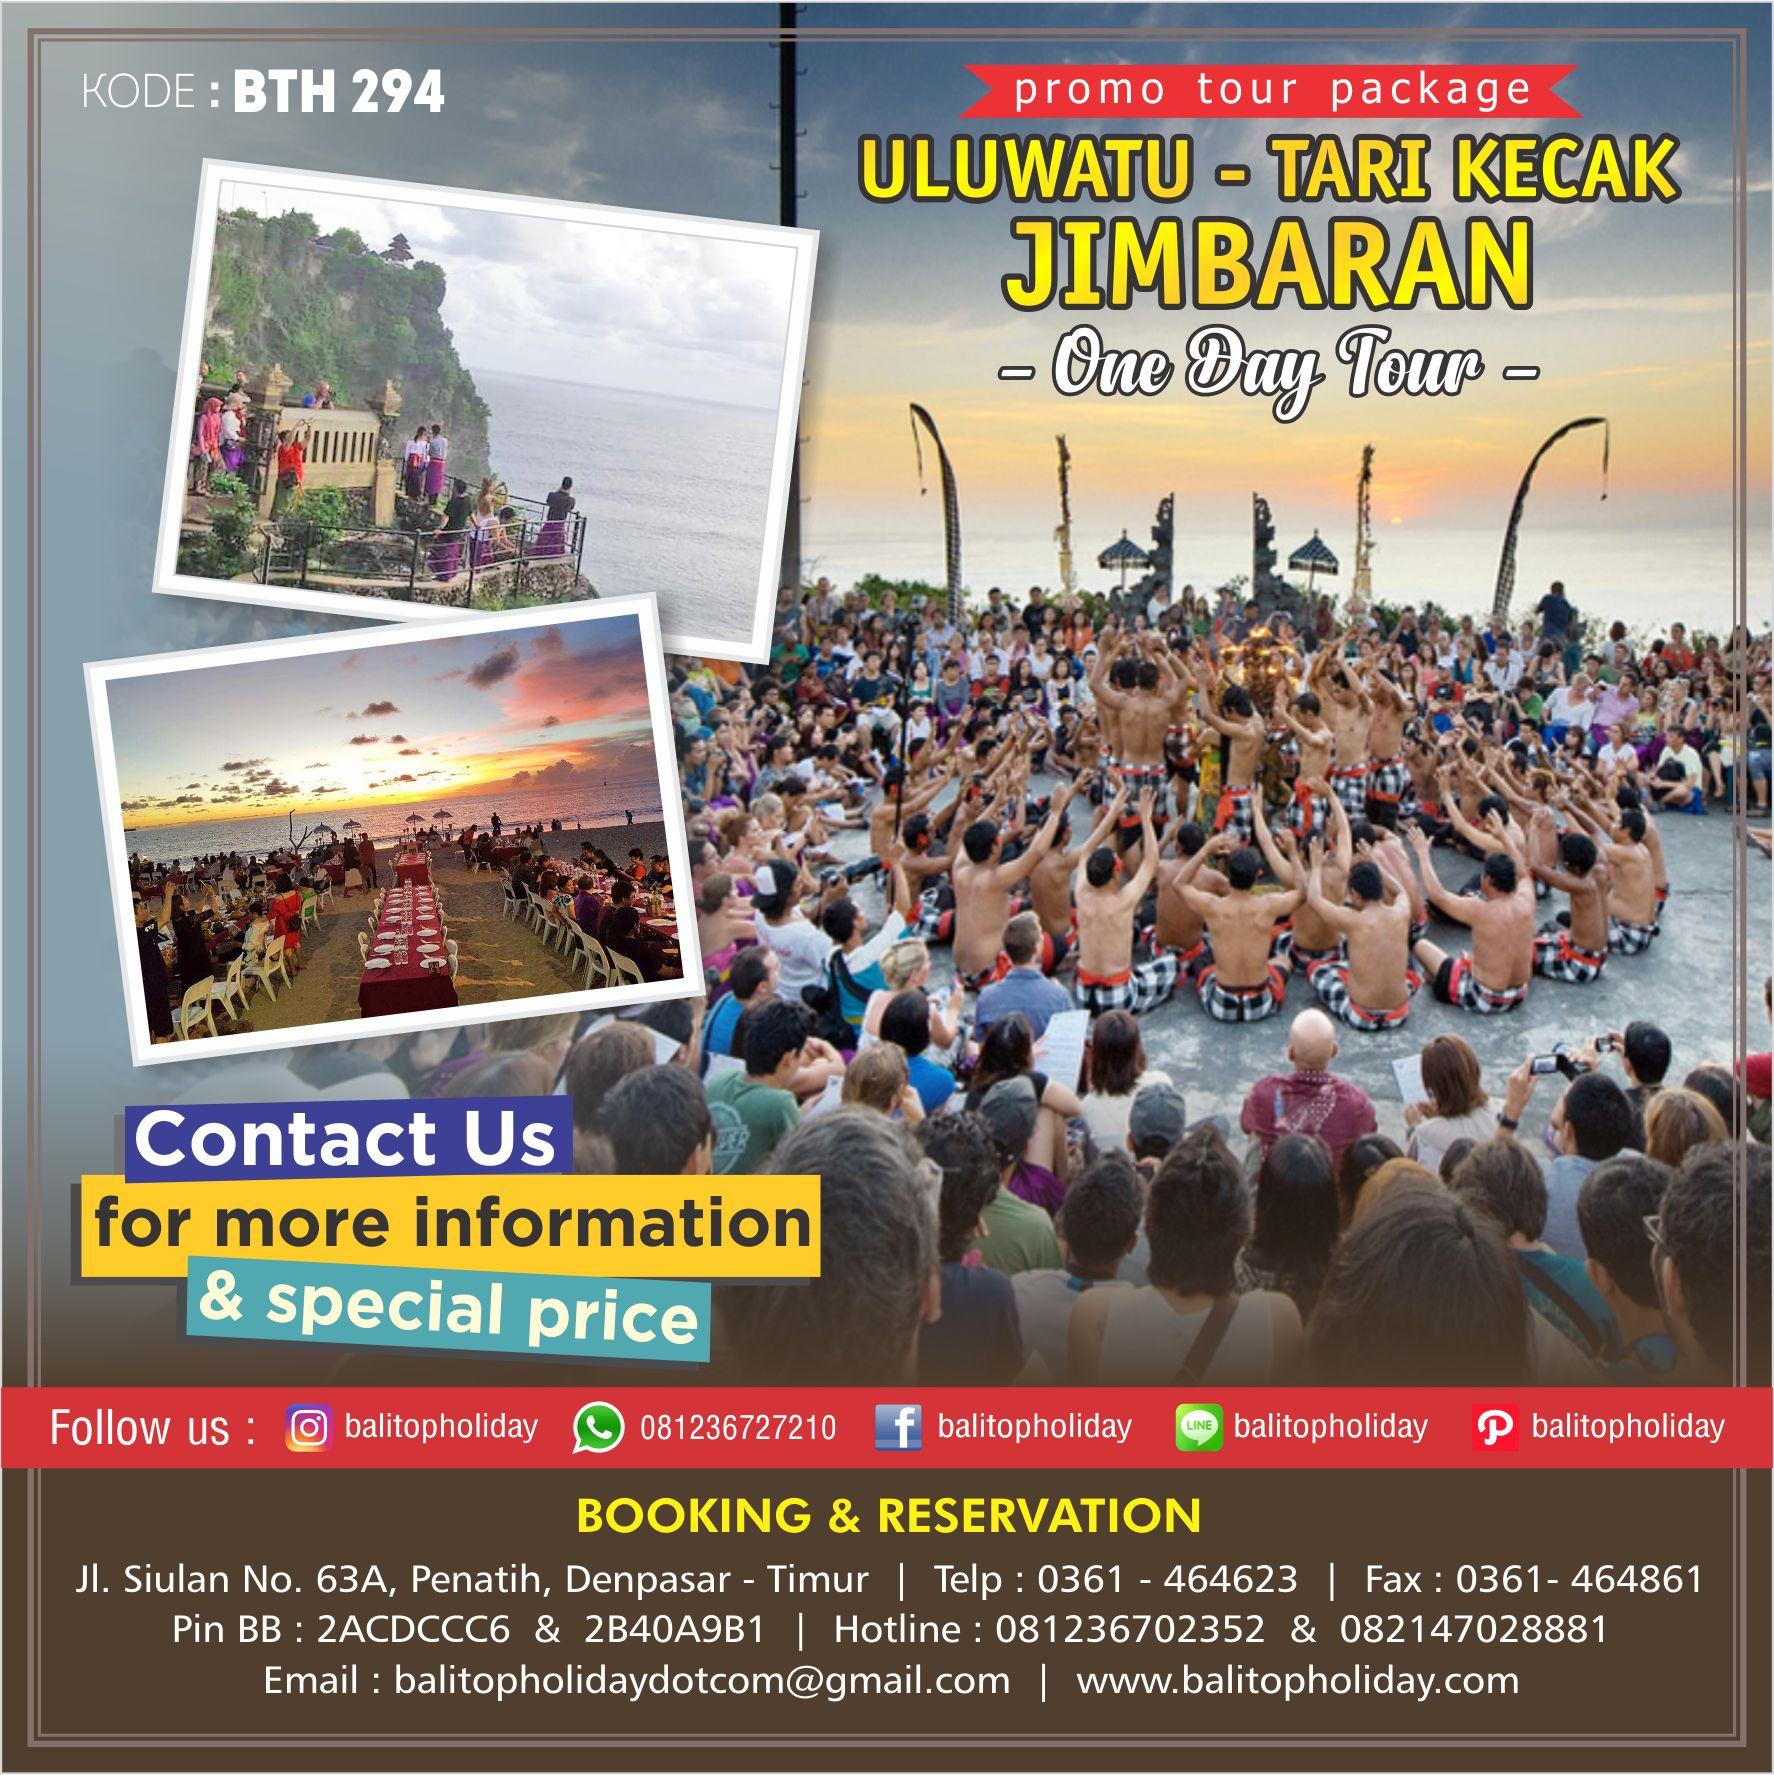 Uluwatu - Tari Kecak Jimbaran One Day Tour BTH 294